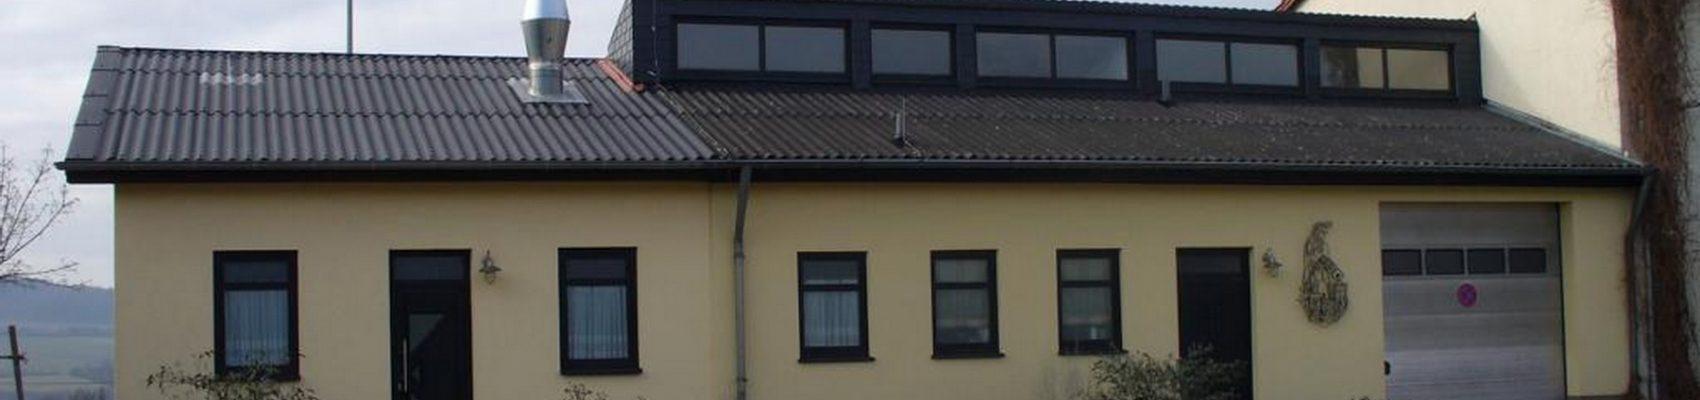 Feuerwehr Gerätehaus Bitzen-Harlingen